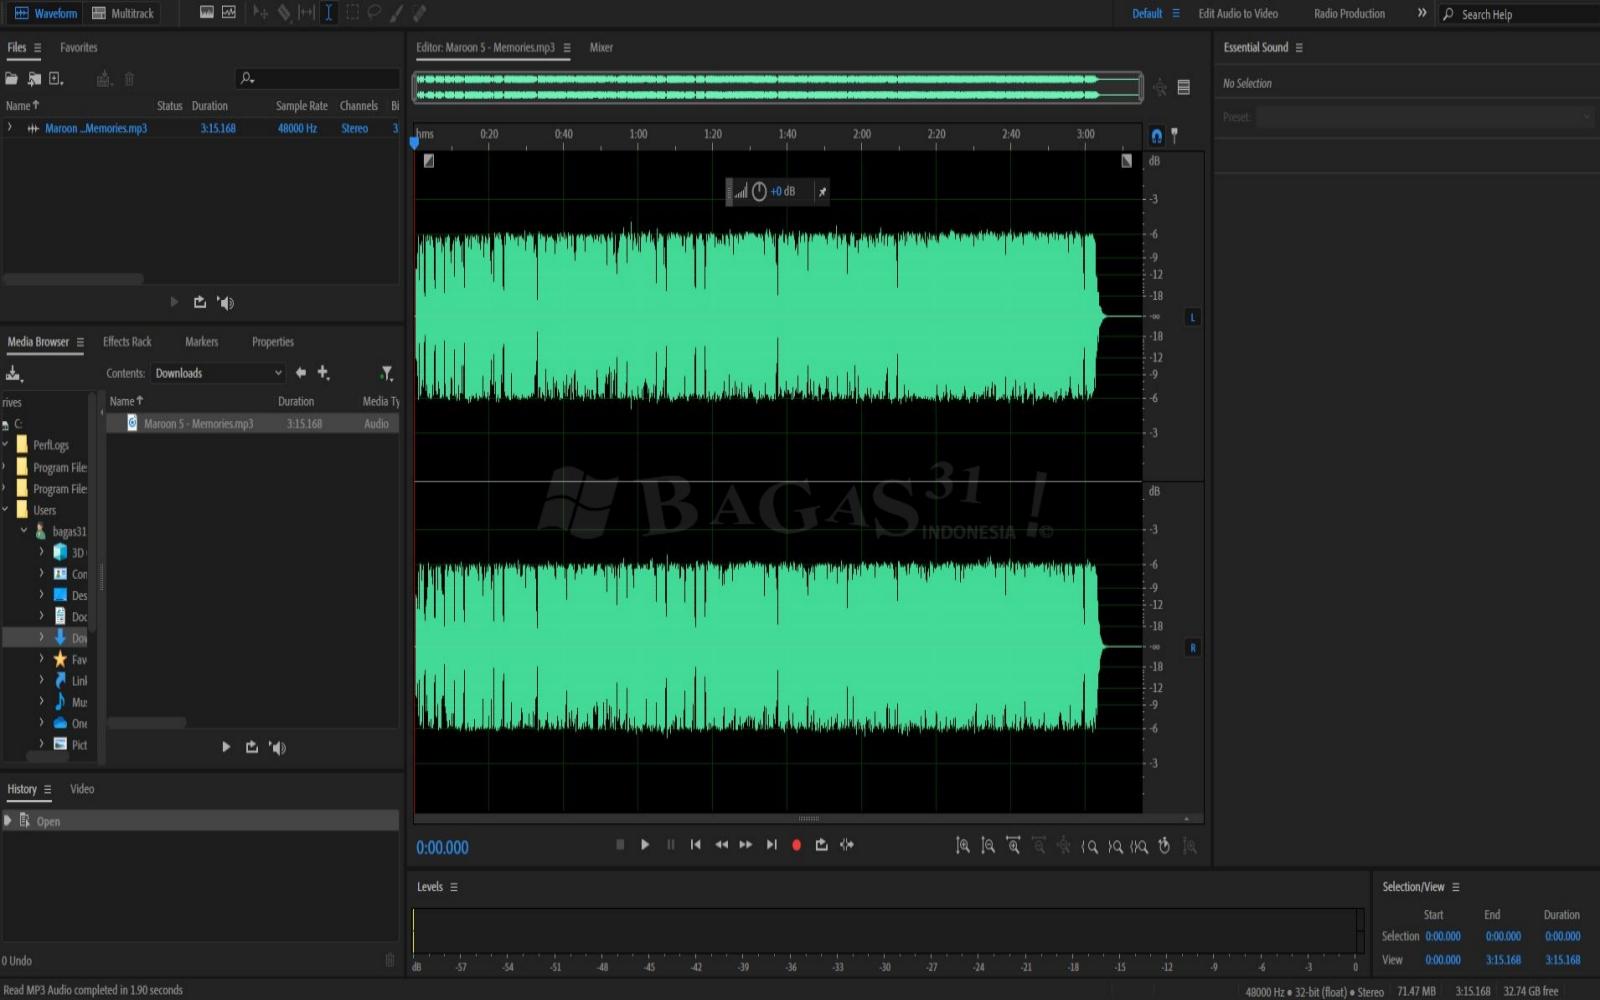 Adobe Audition 2020 v13.0.0.519 Full Version 3